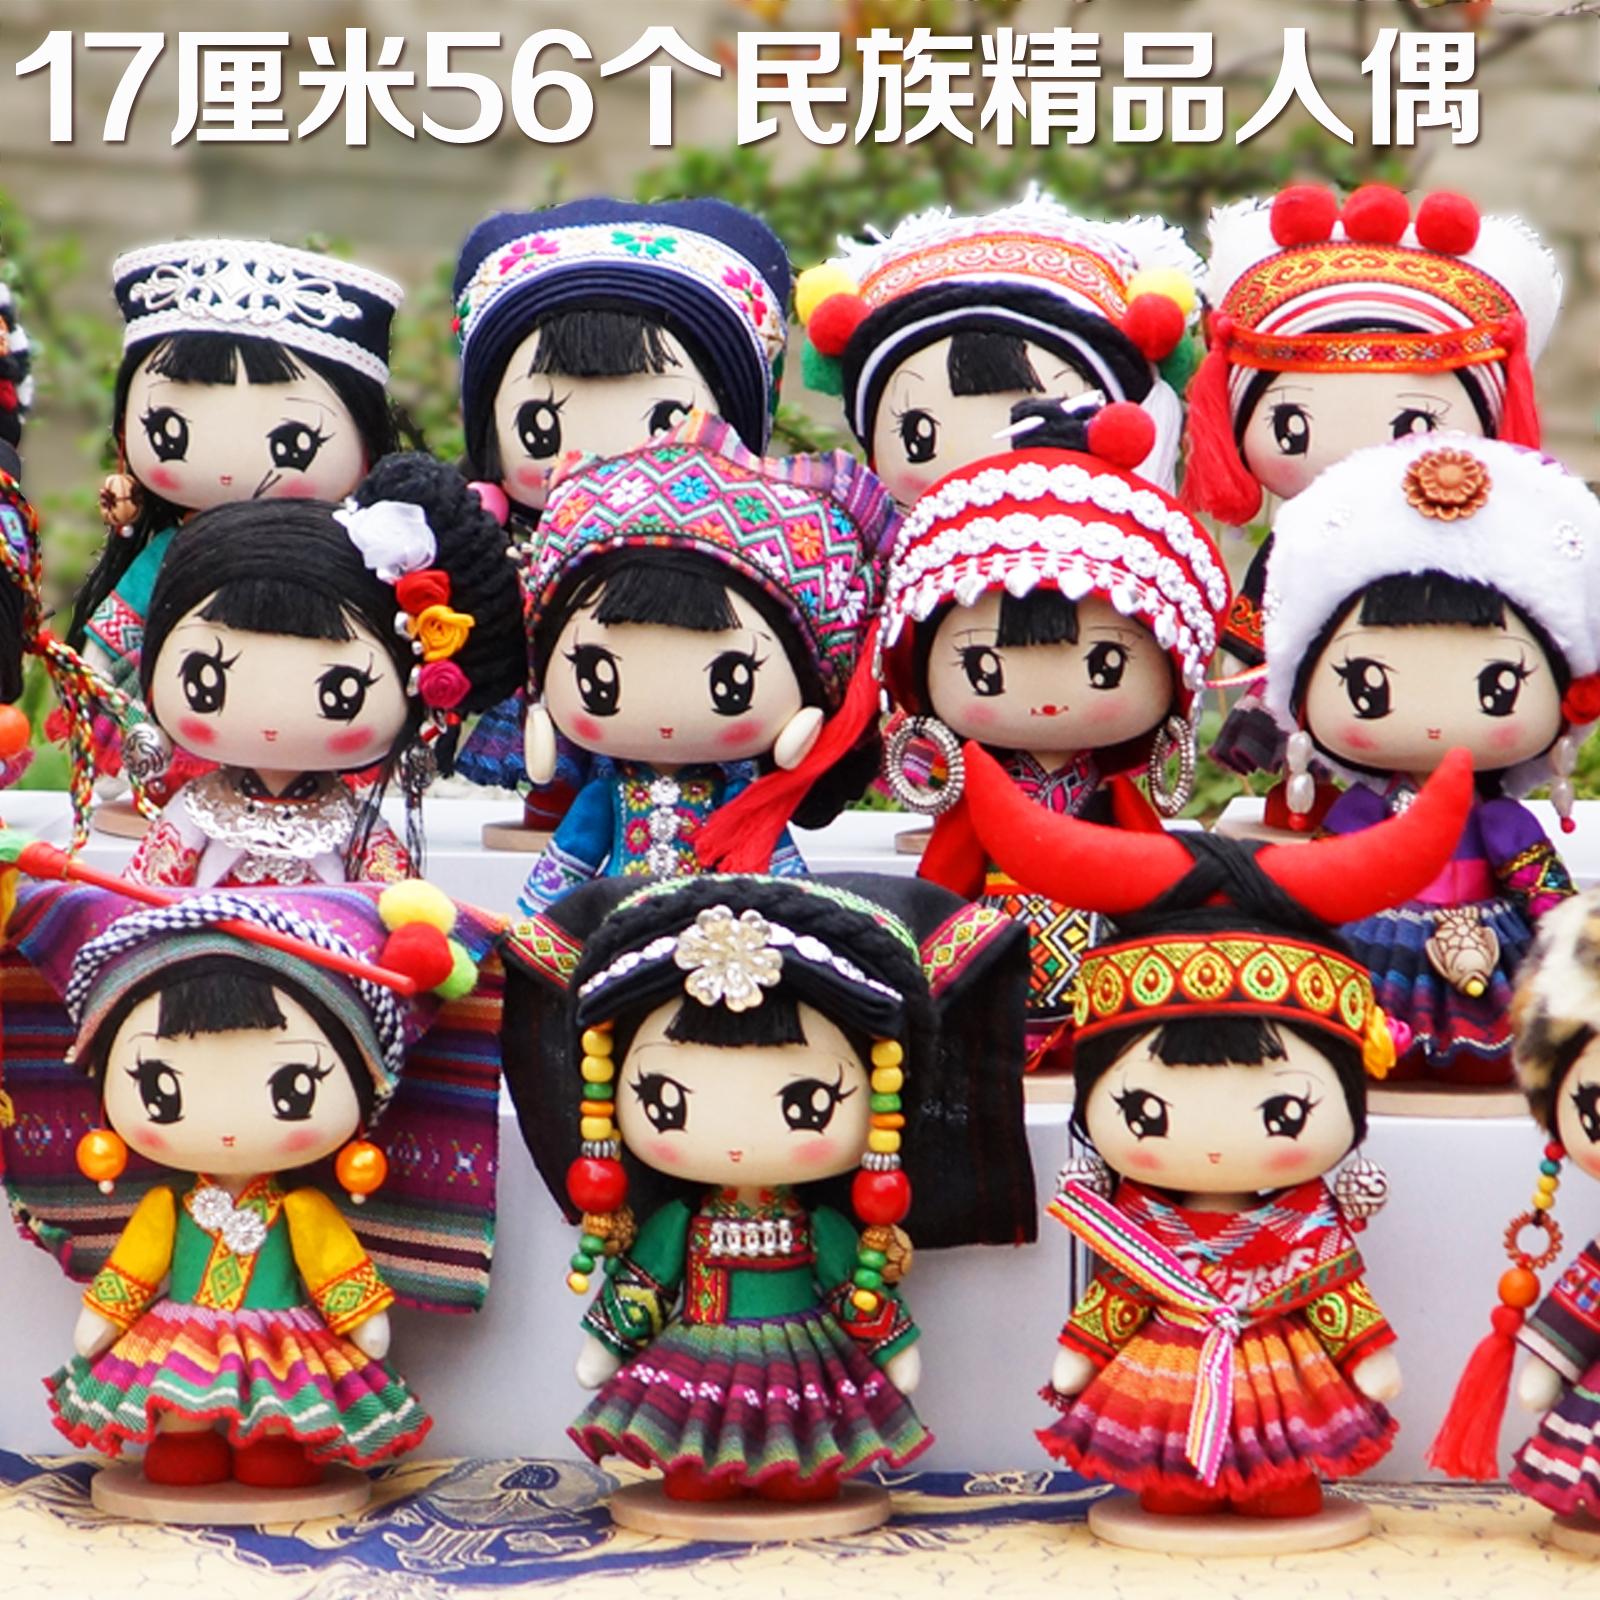 晓青工艺17cmQ版56个民族娃娃人偶 中国特色工艺特色礼品民族教学